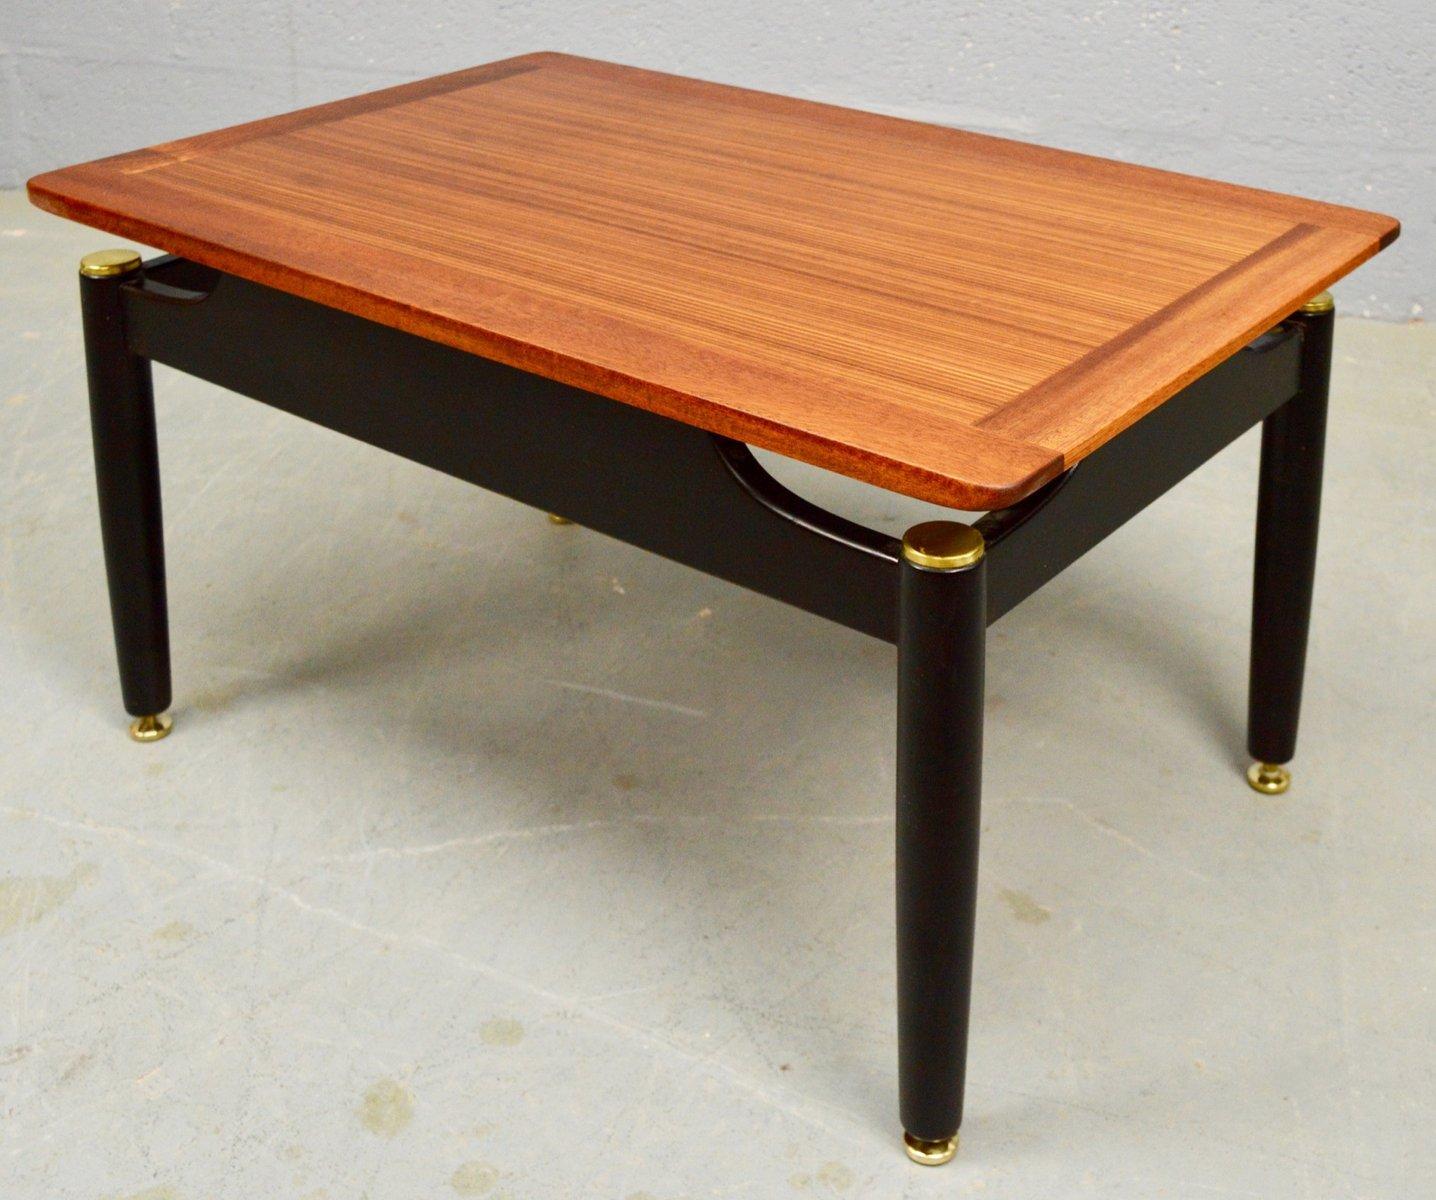 mid century teak beistelltisch aus tola serie von g plan bei pamono kaufen. Black Bedroom Furniture Sets. Home Design Ideas